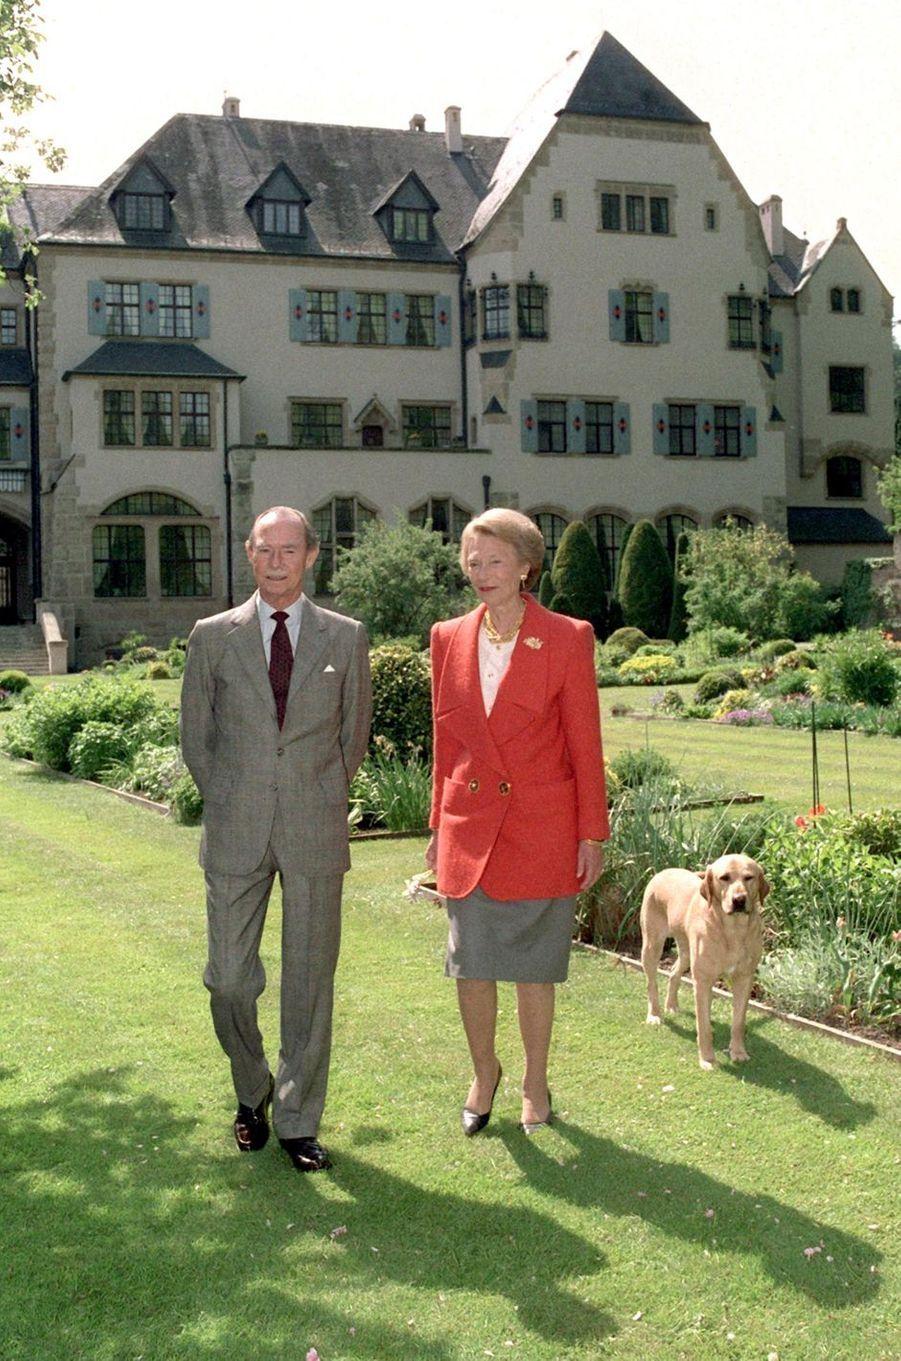 Le grand-duc Jean de Luxembourg avec sa femme la grande-duchesse Joséphine-Charlotte, le 5 mai 1993